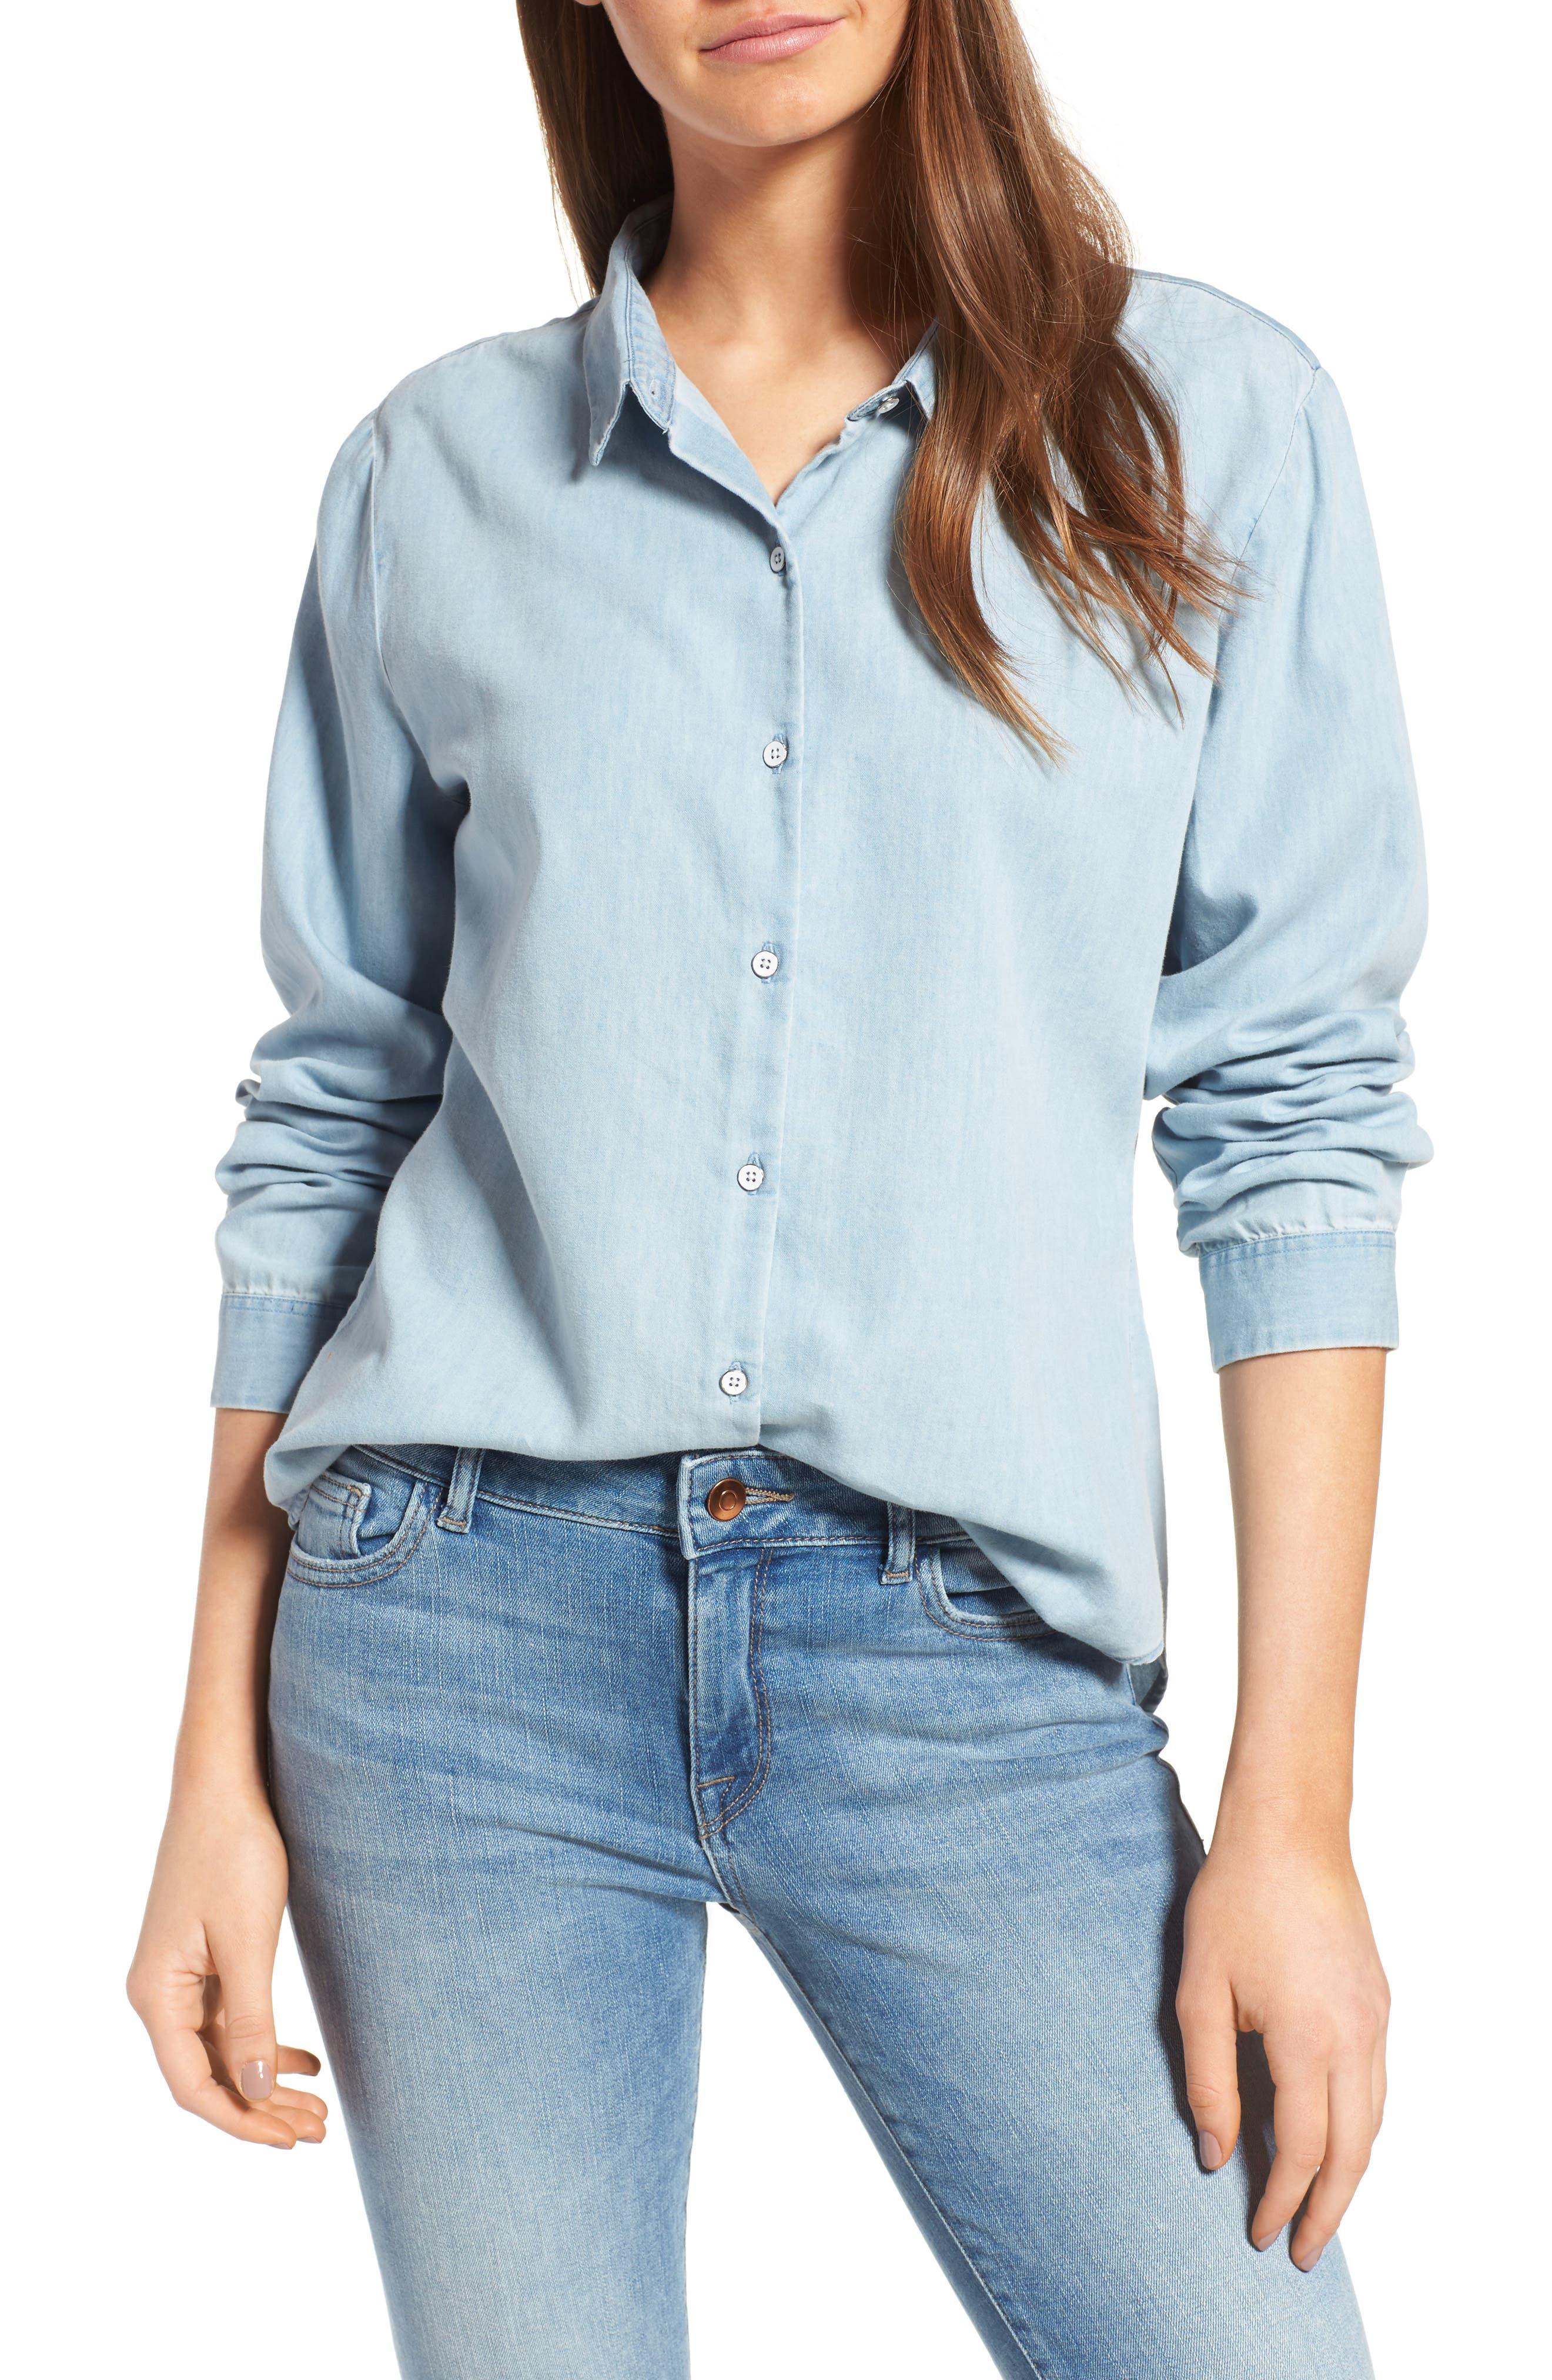 DL1961 W4TH & Jane Shirt